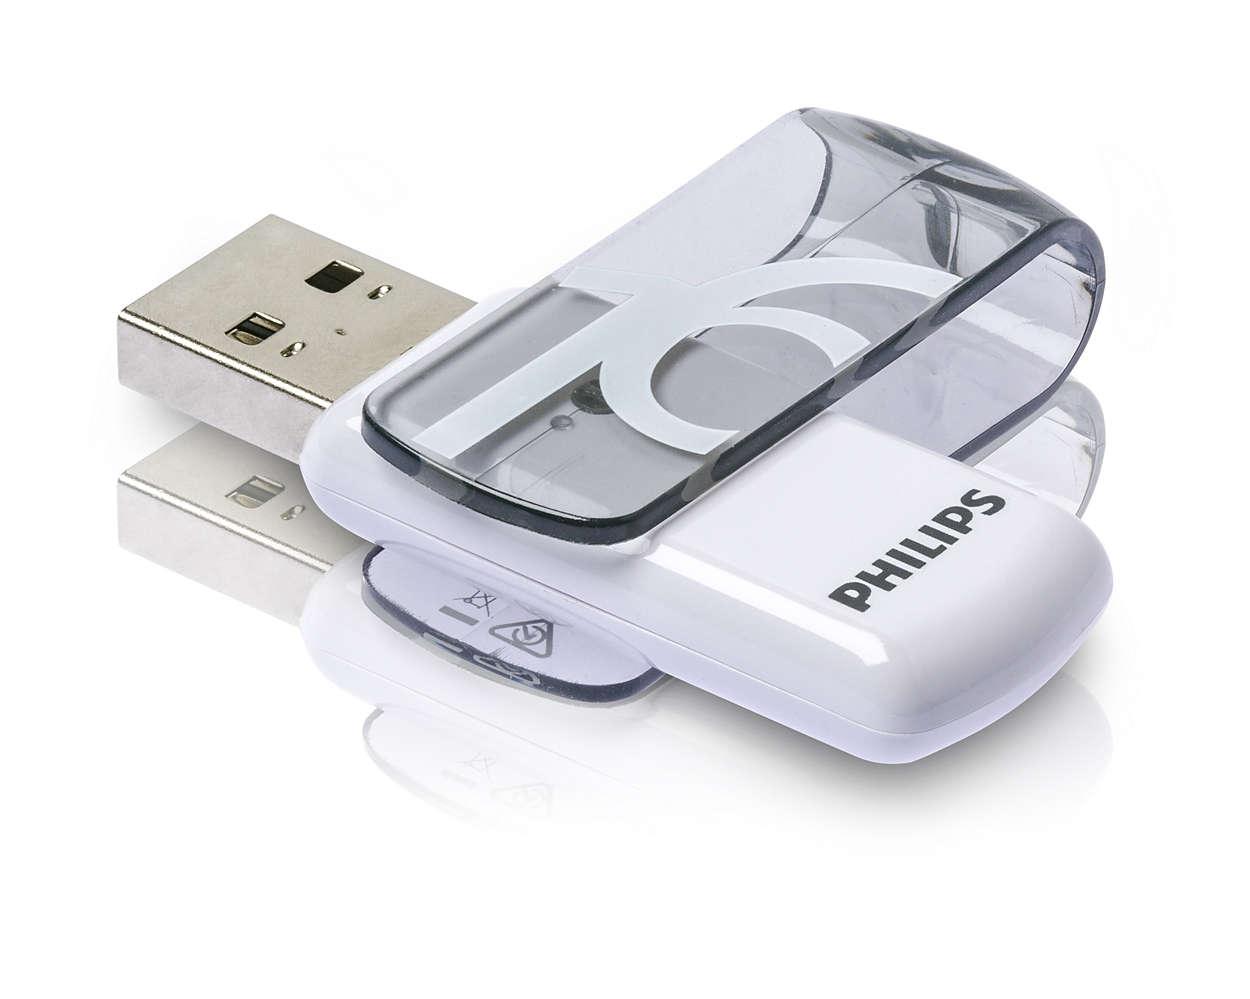 Easy to use, plug and play